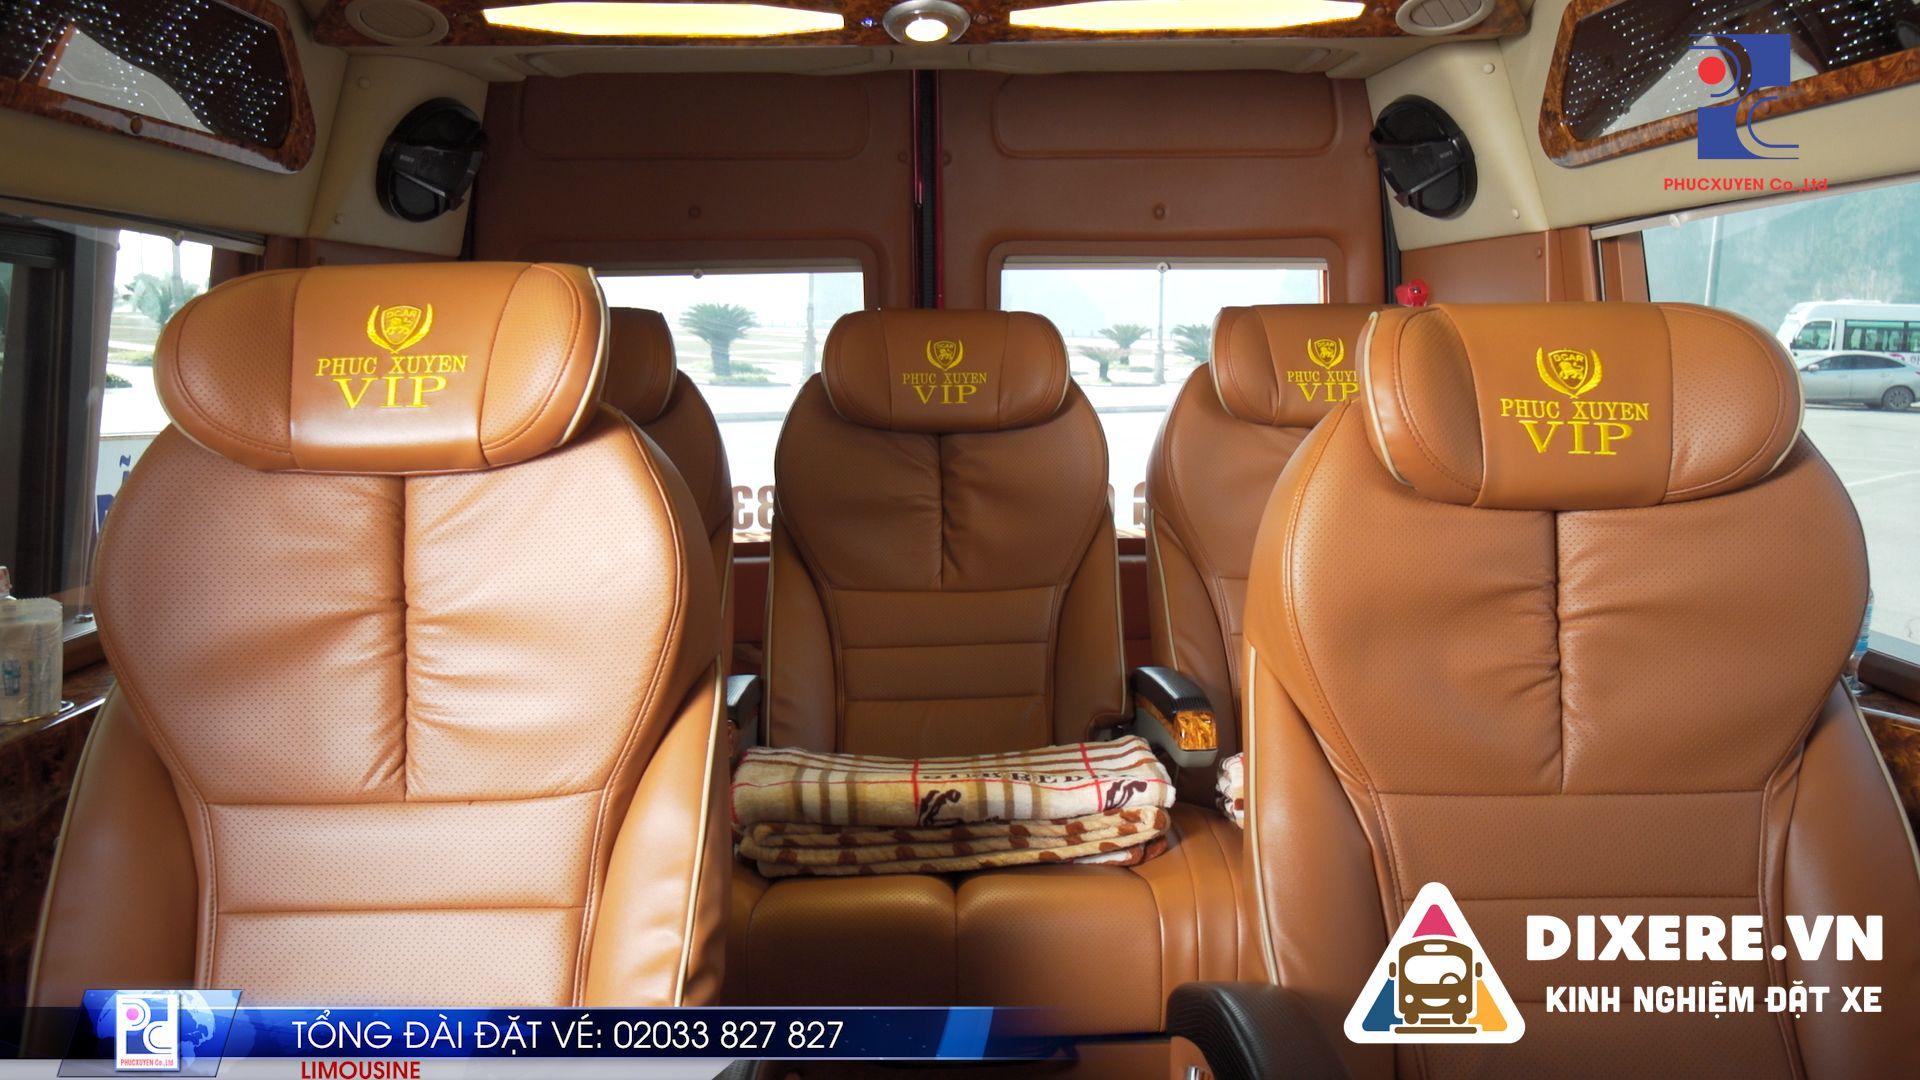 Xe Limousine Phúc Xuyên